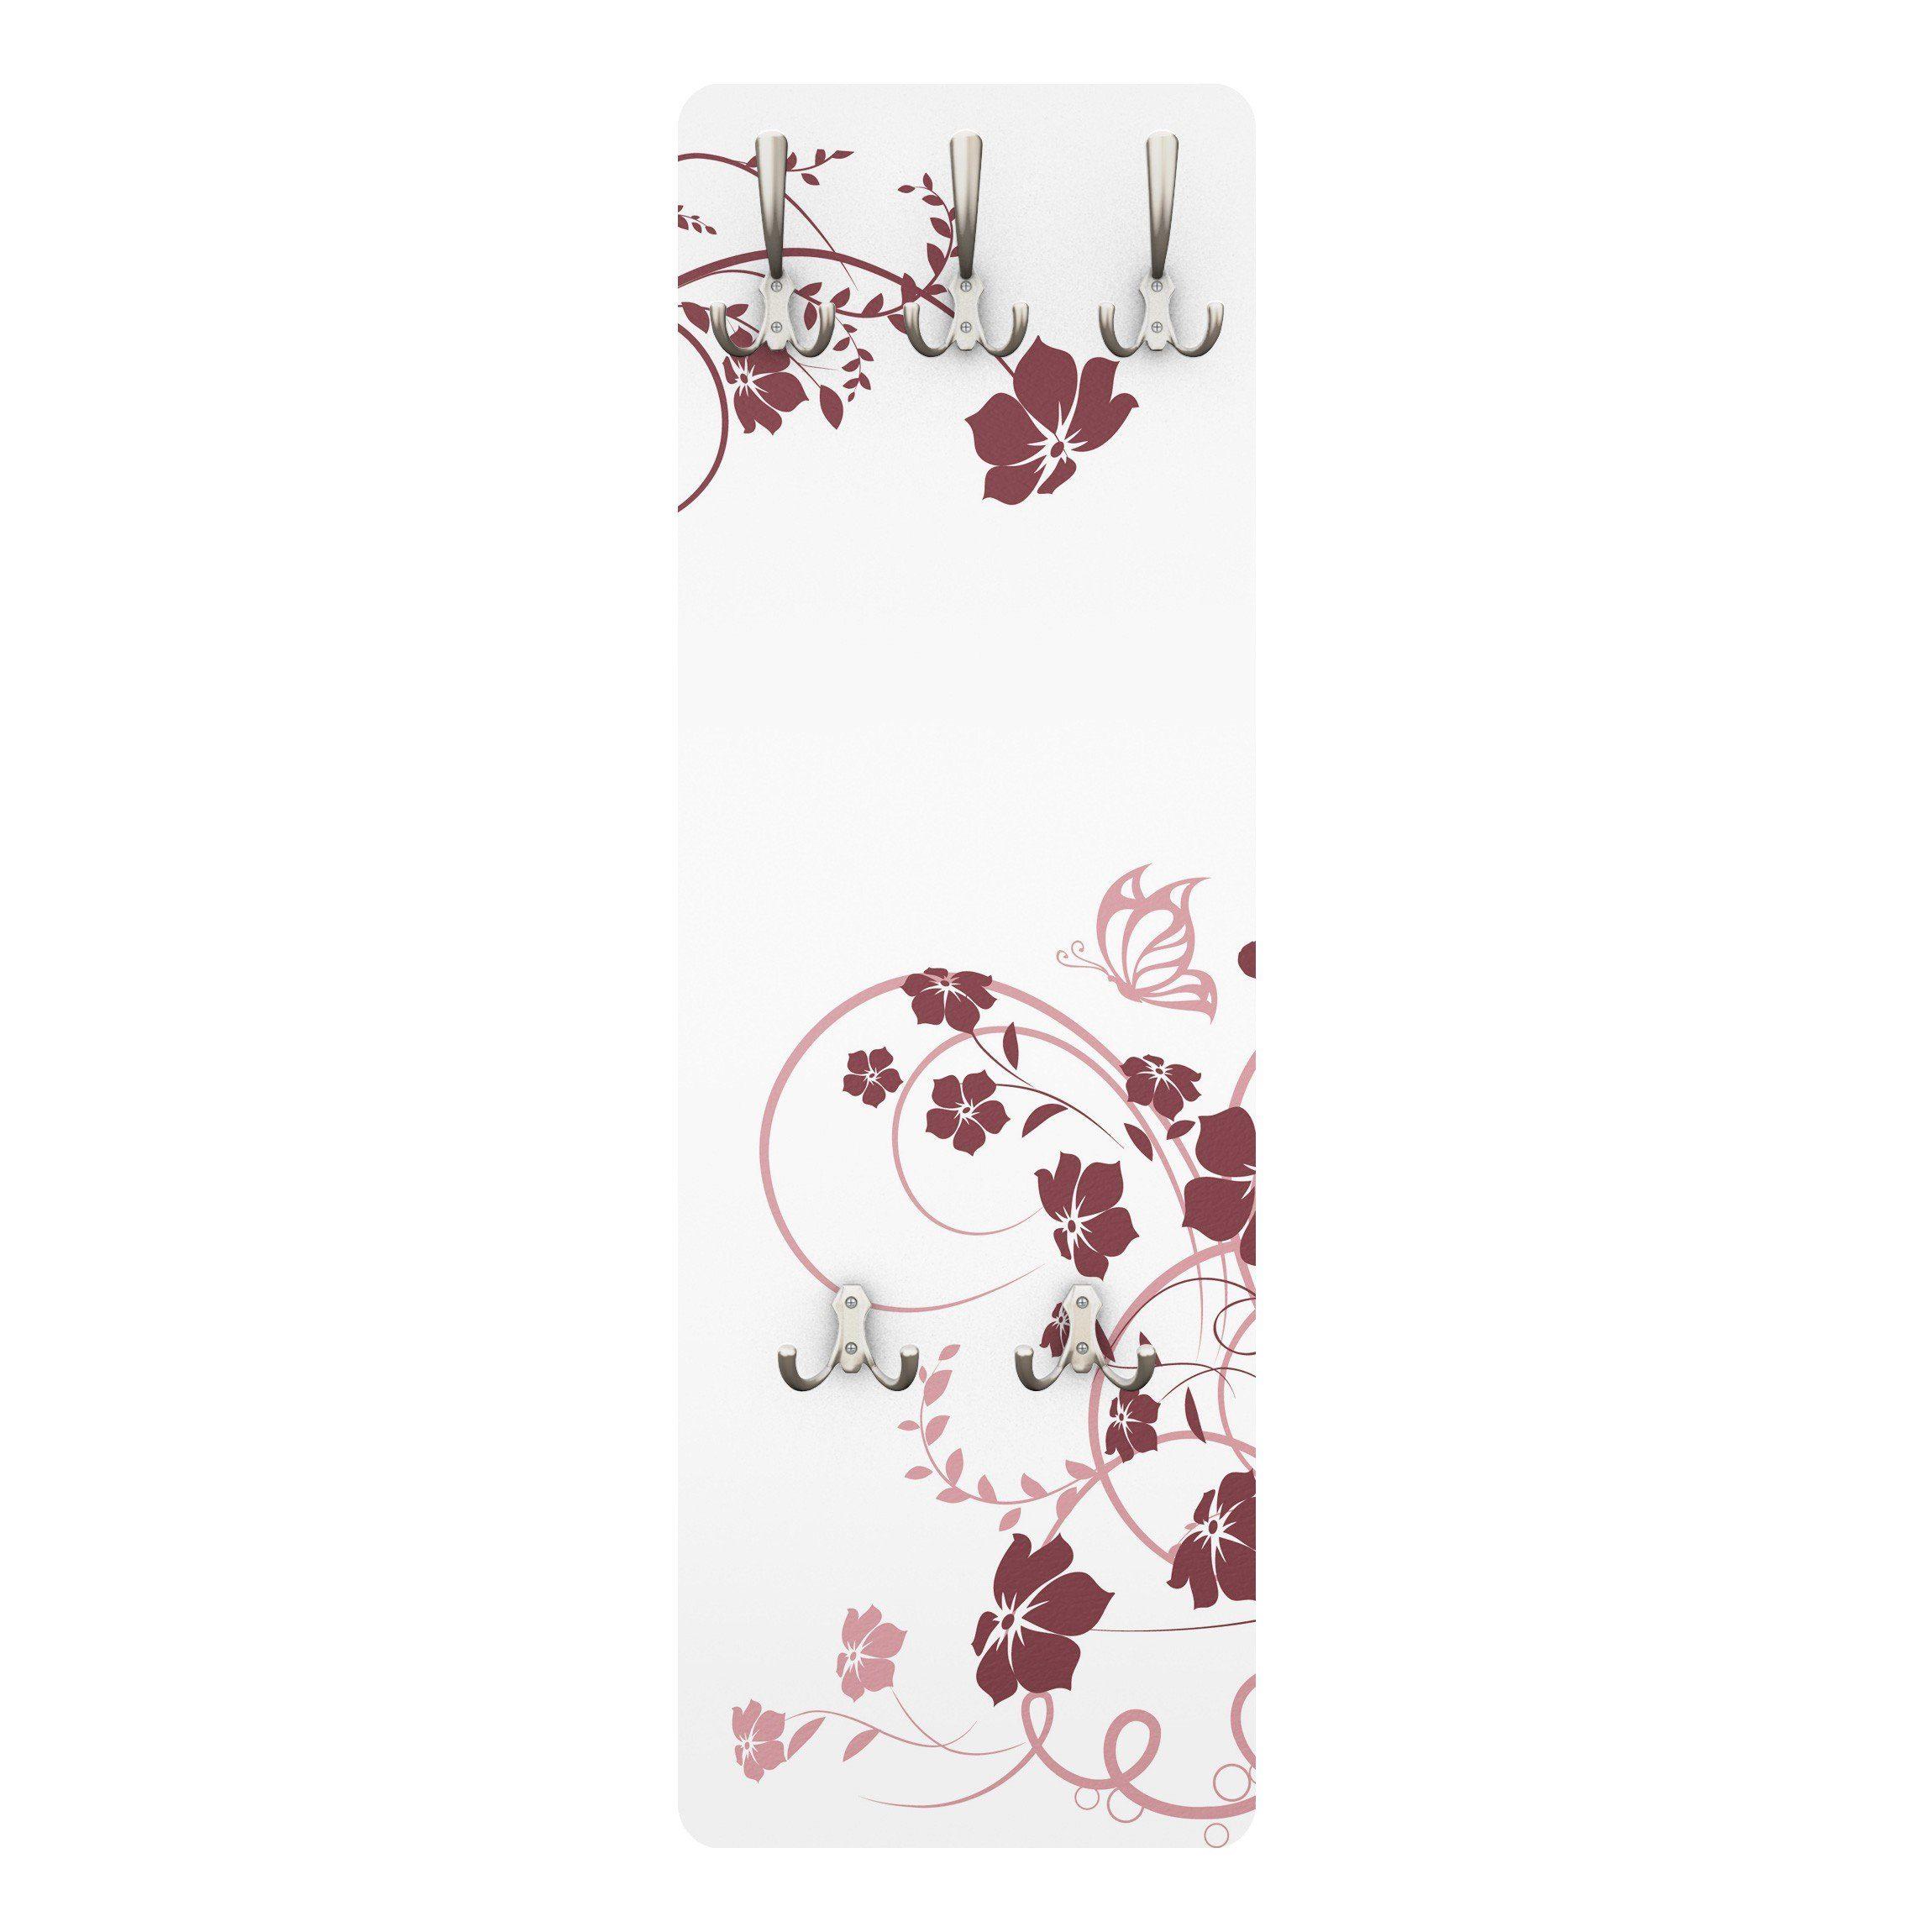 Bilderwelten Wandgarderobe Blumen 139x46x2cm »Apricot Blossom«